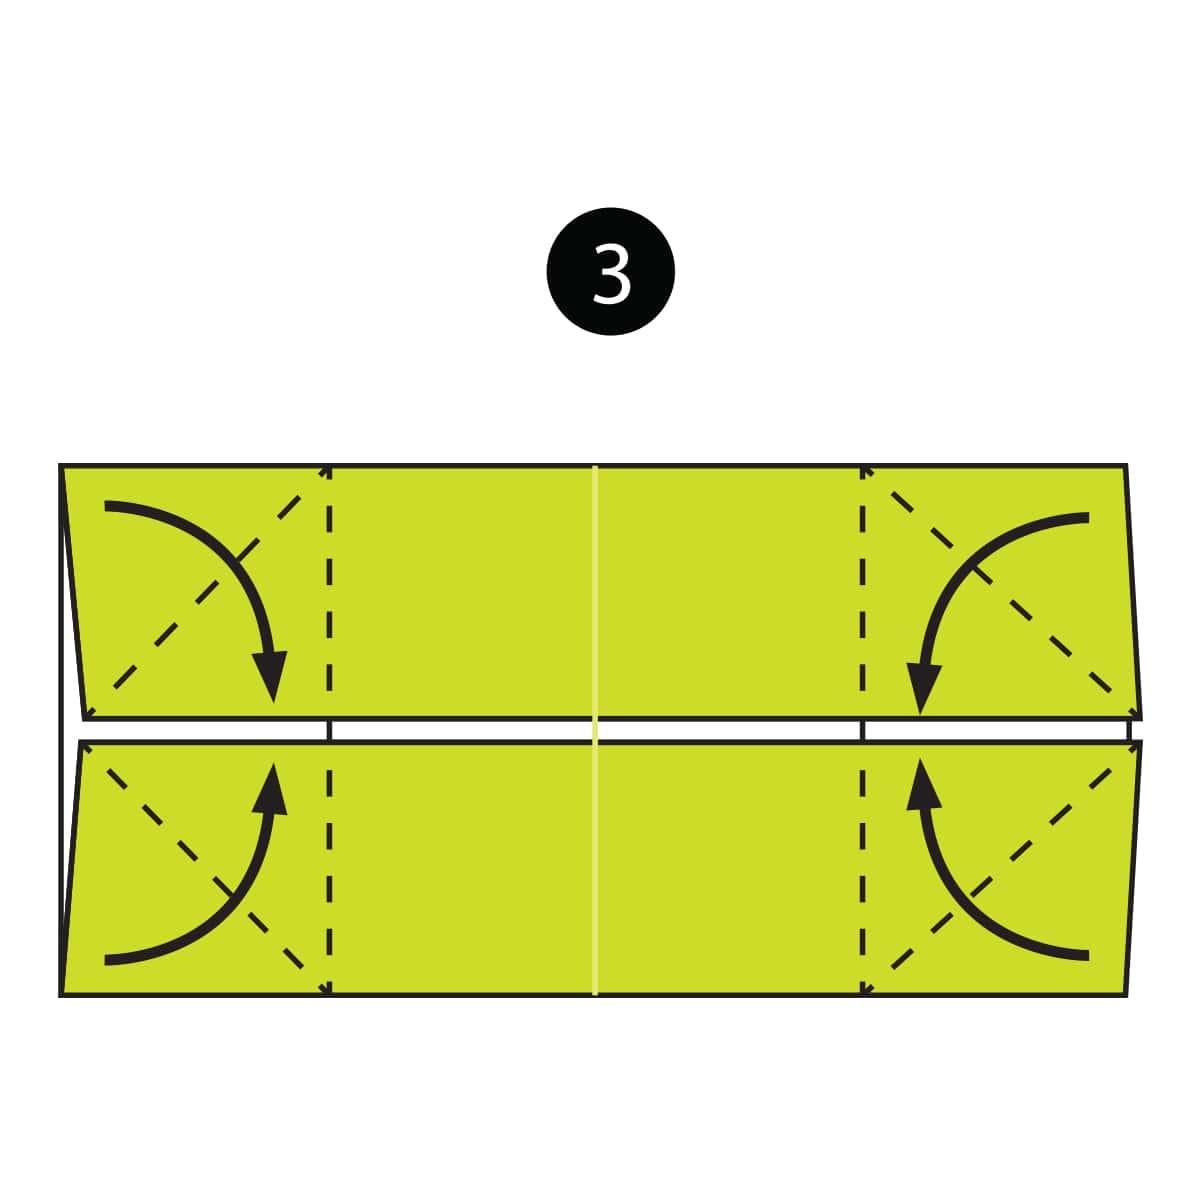 Chameleon Step 3